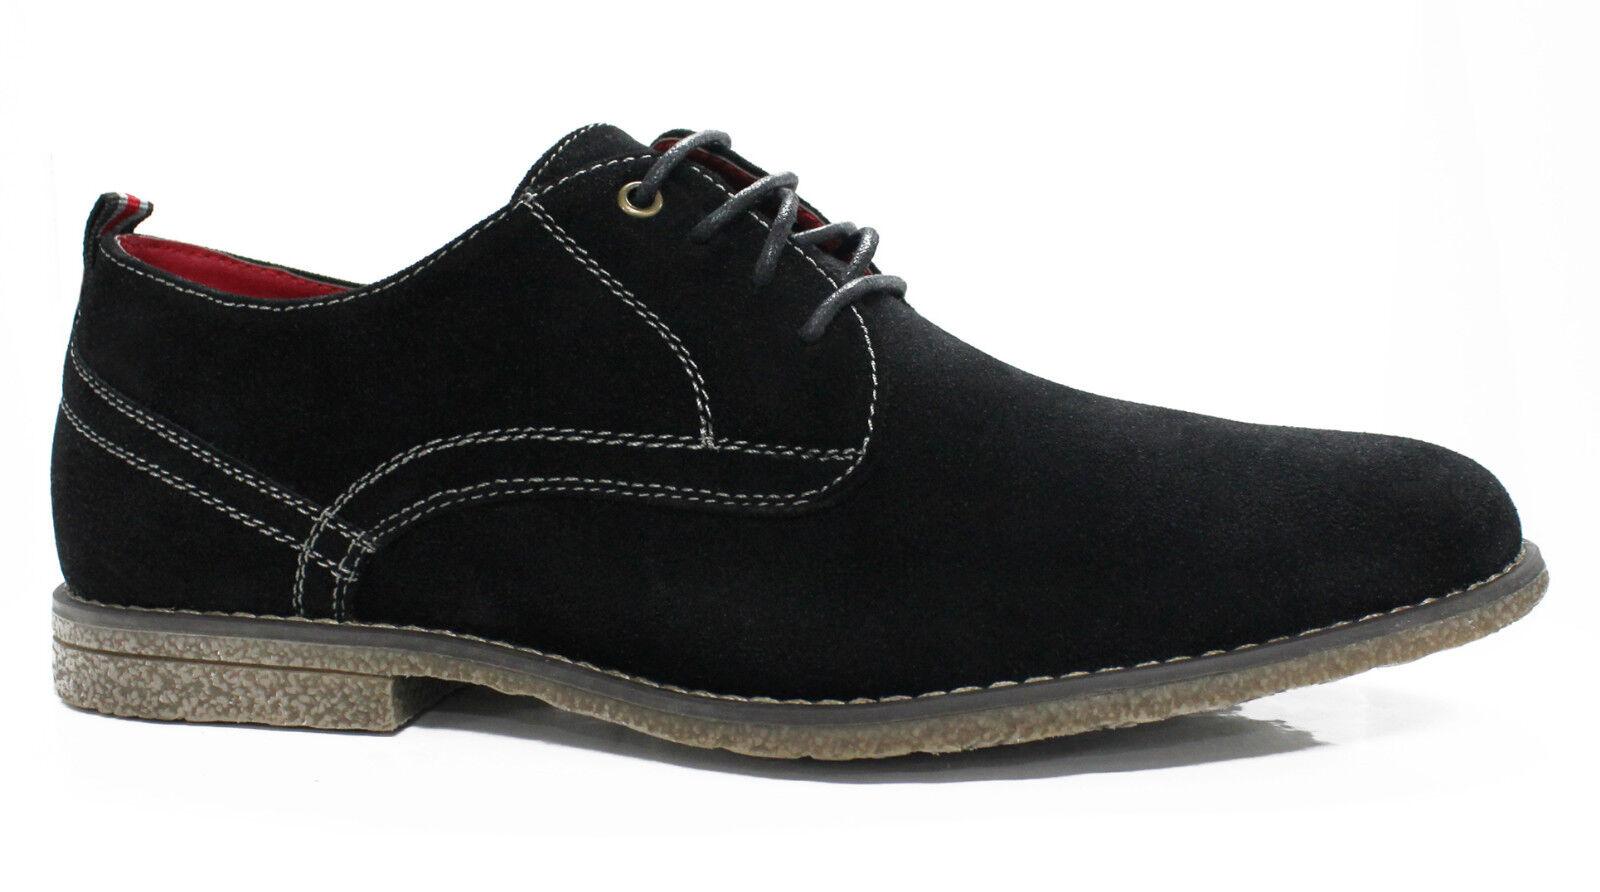 shoes OXFORD HOMME DIAMANT black EN DAIM CASUAL shoes 40 41 42 43 44 45